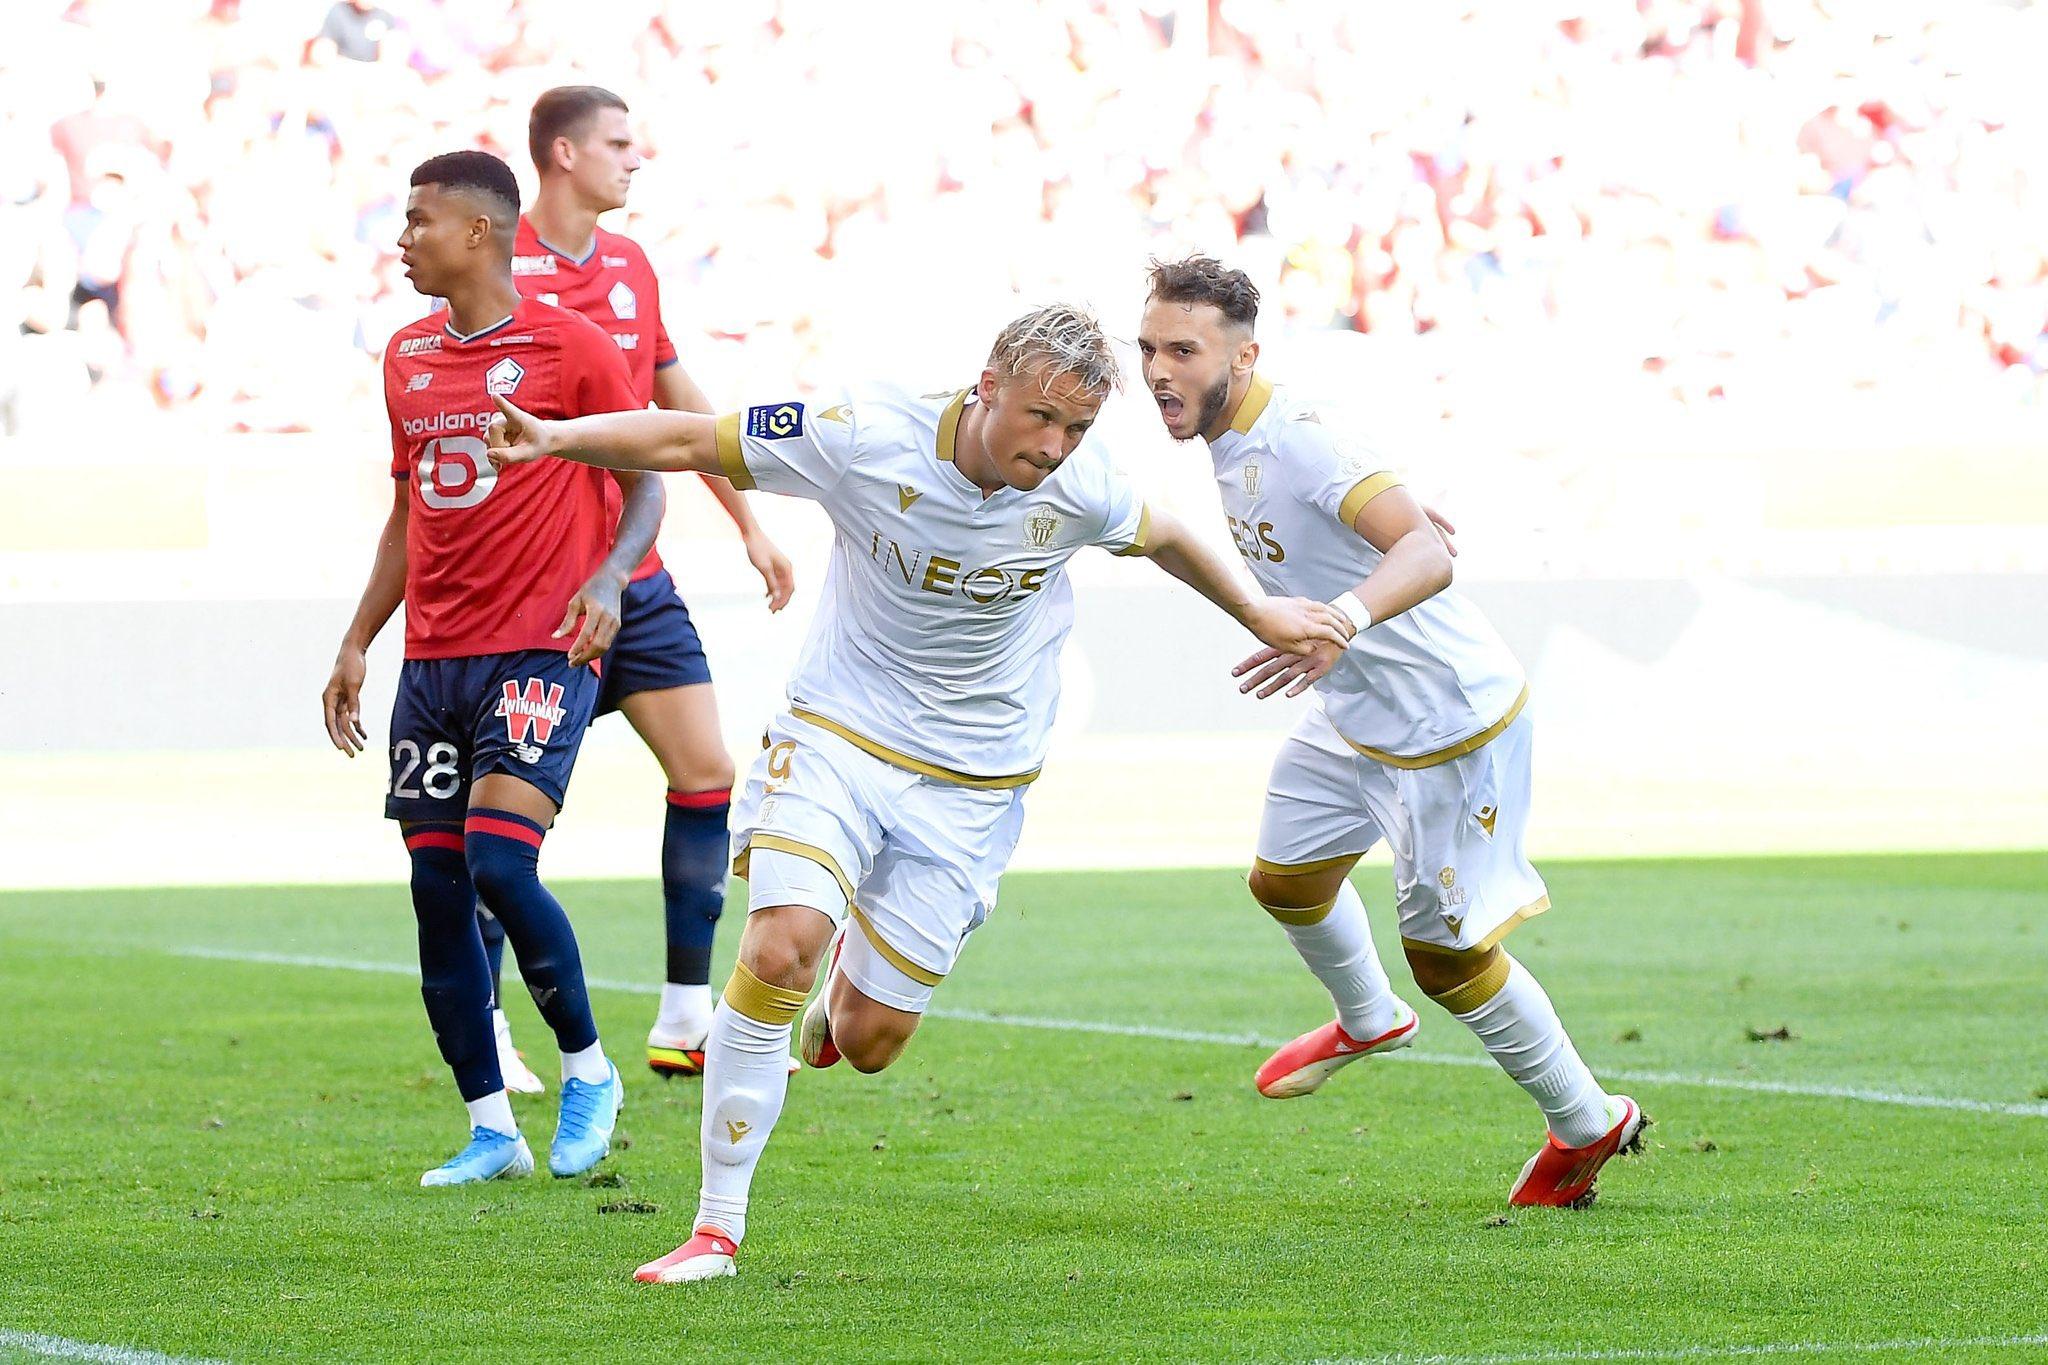 El Niza golea al vigente campeón a domicilio (0-4)